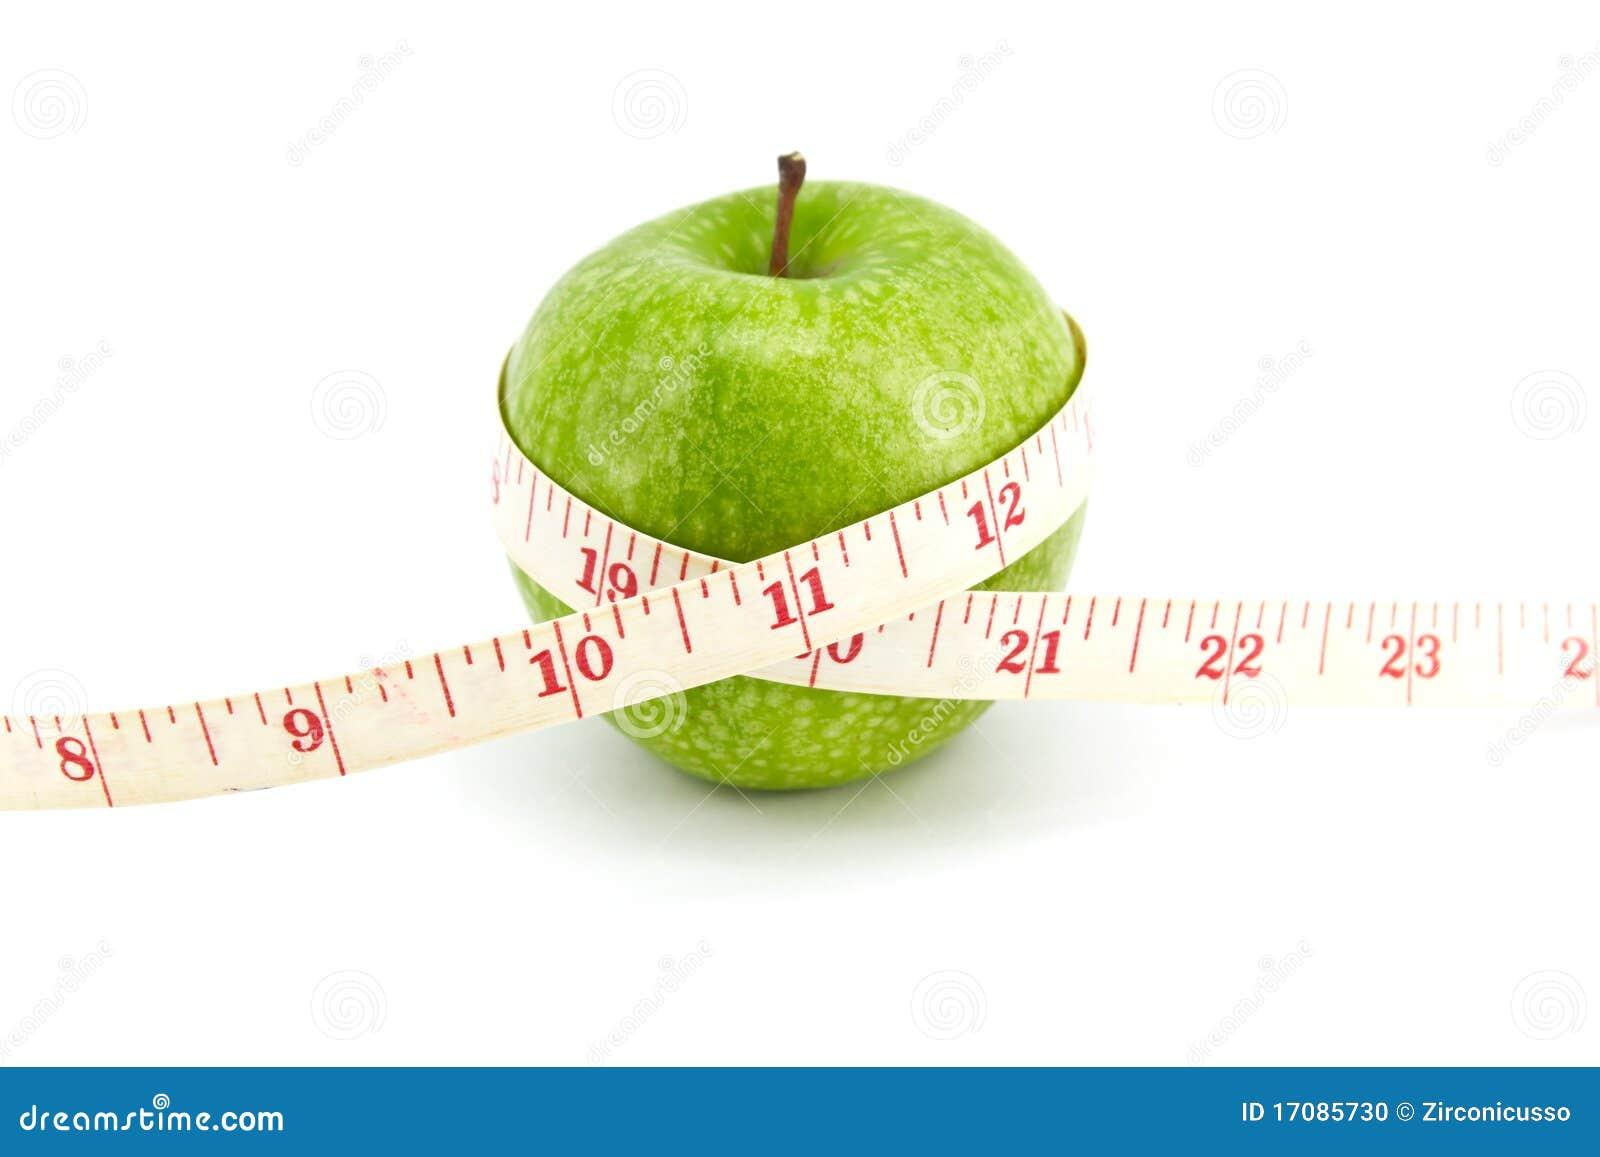 Grüner Apfel mit Band